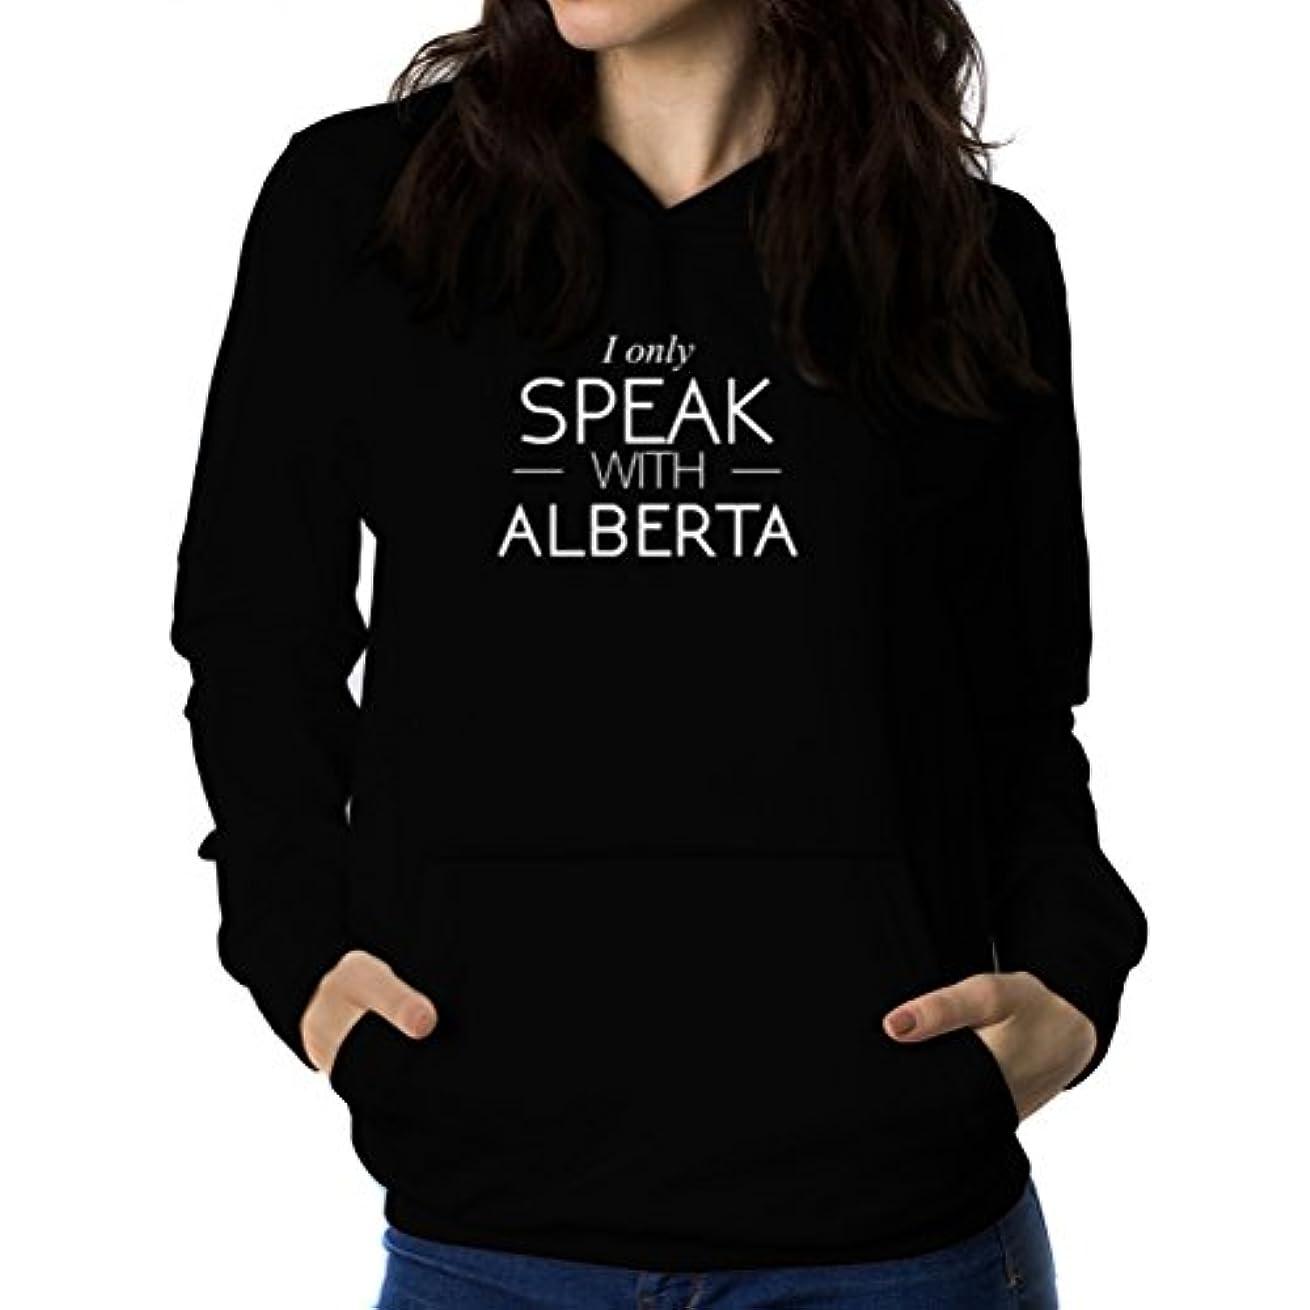 樹木サーカス実行I only speak with Alberta 女性 フーディー